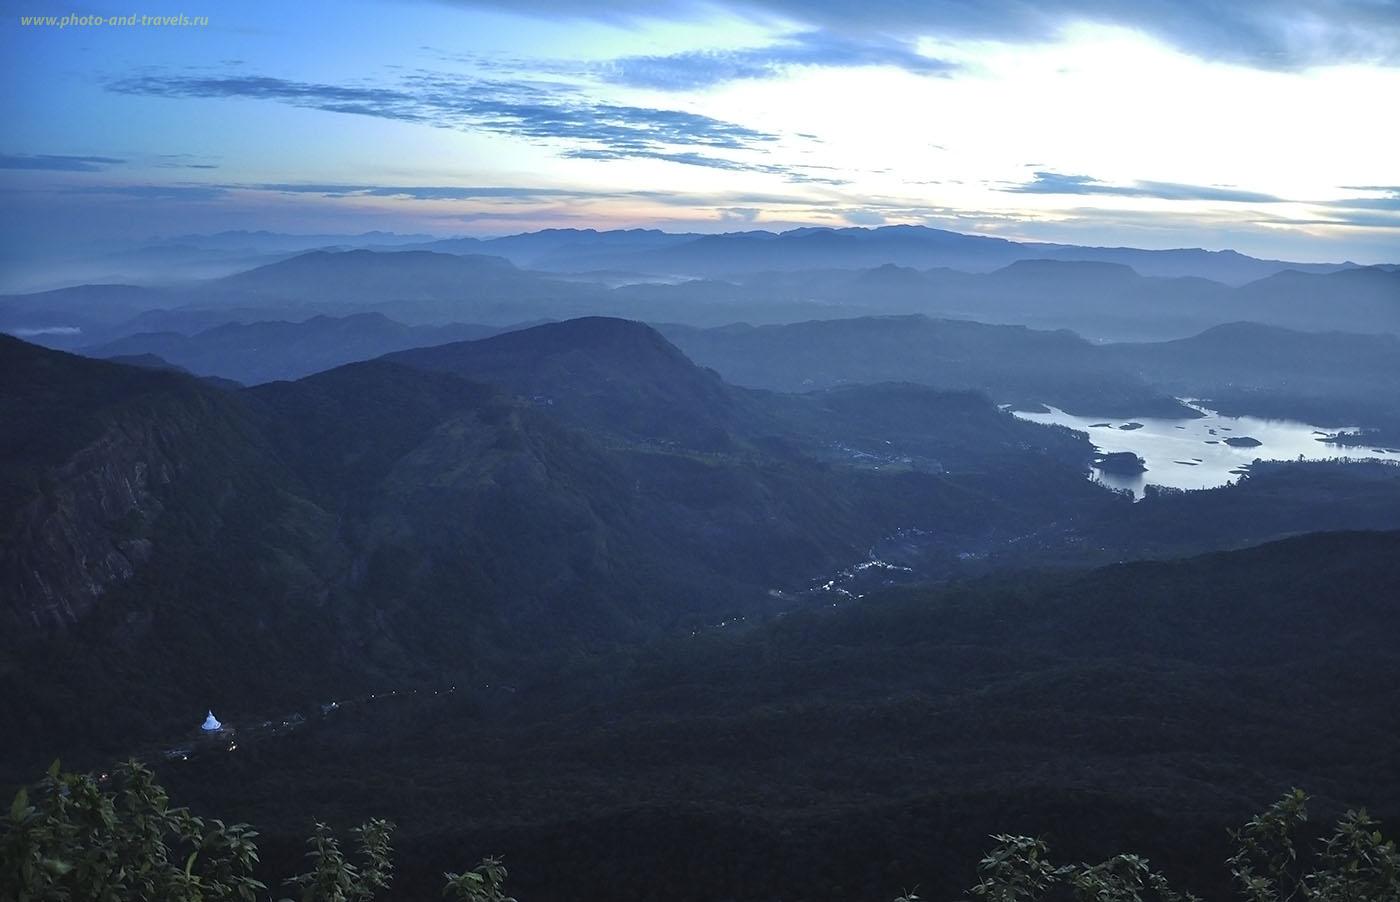 Фотография 2. Восхождение на гору Пика Адама в Шри-Ланке начинается с путешествия по этой долине, мимо ступы Sama Chatiya.